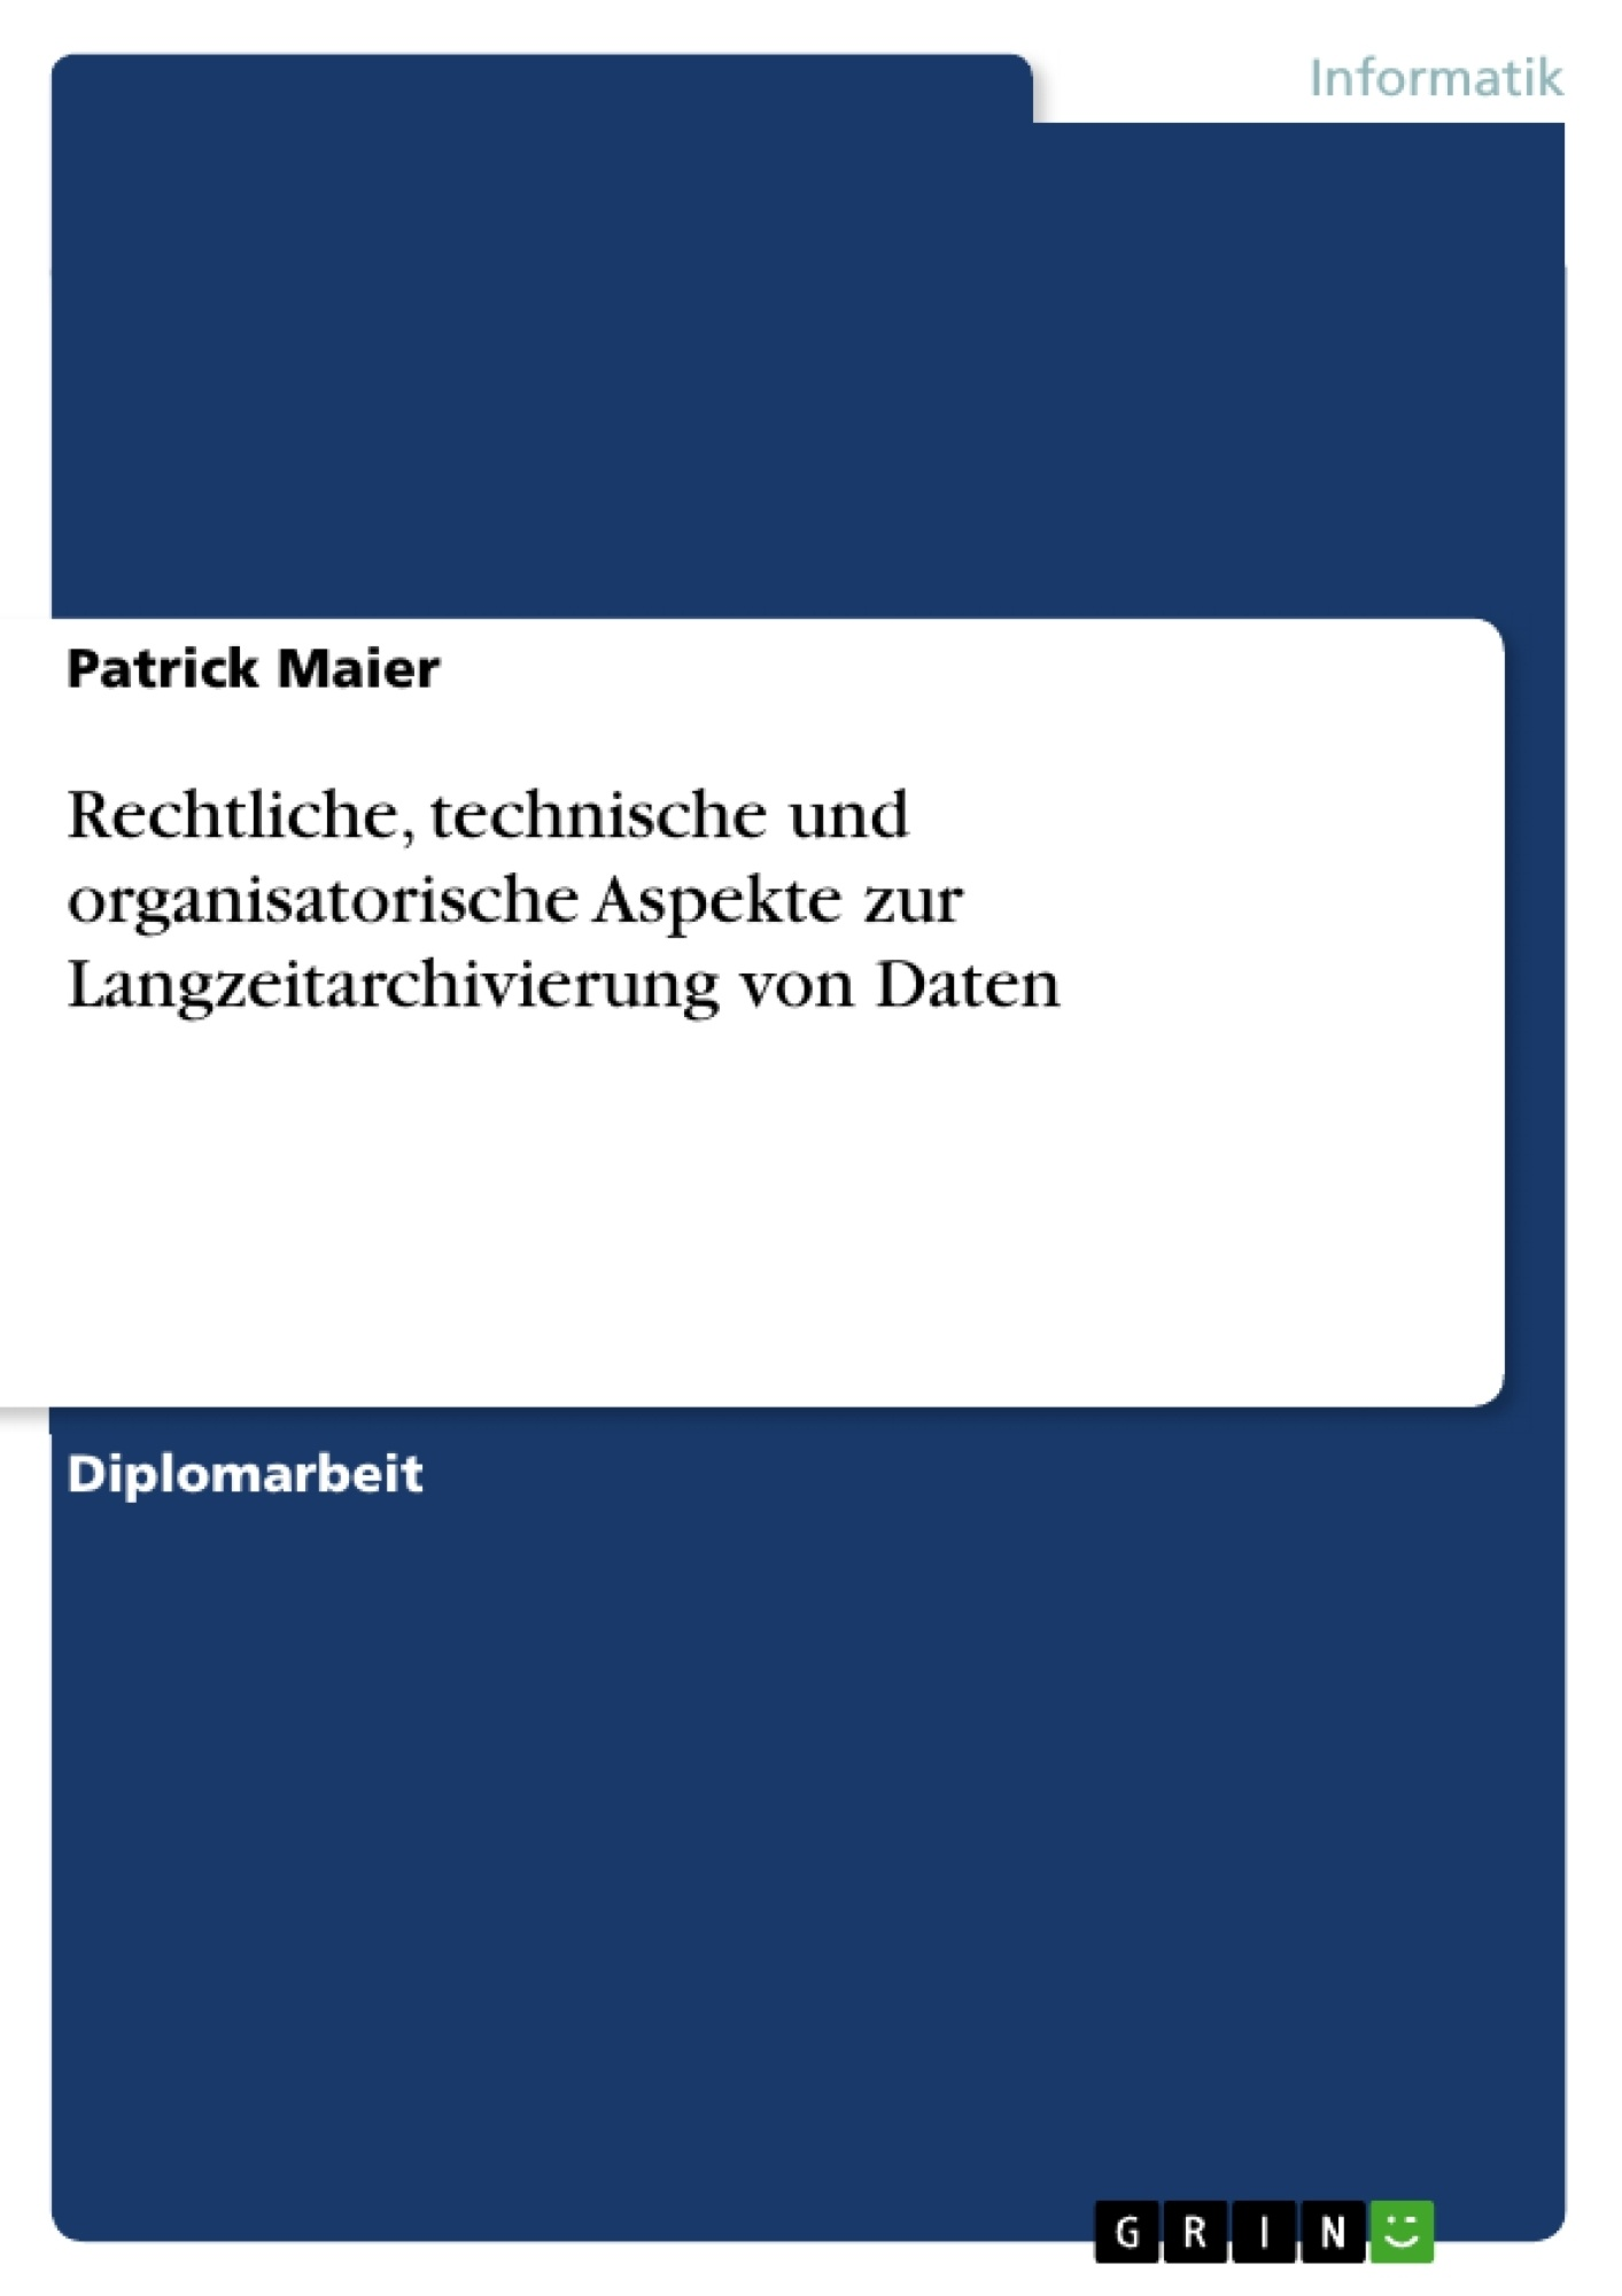 Titel: Rechtliche, technische und organisatorische Aspekte zur Langzeitarchivierung von Daten